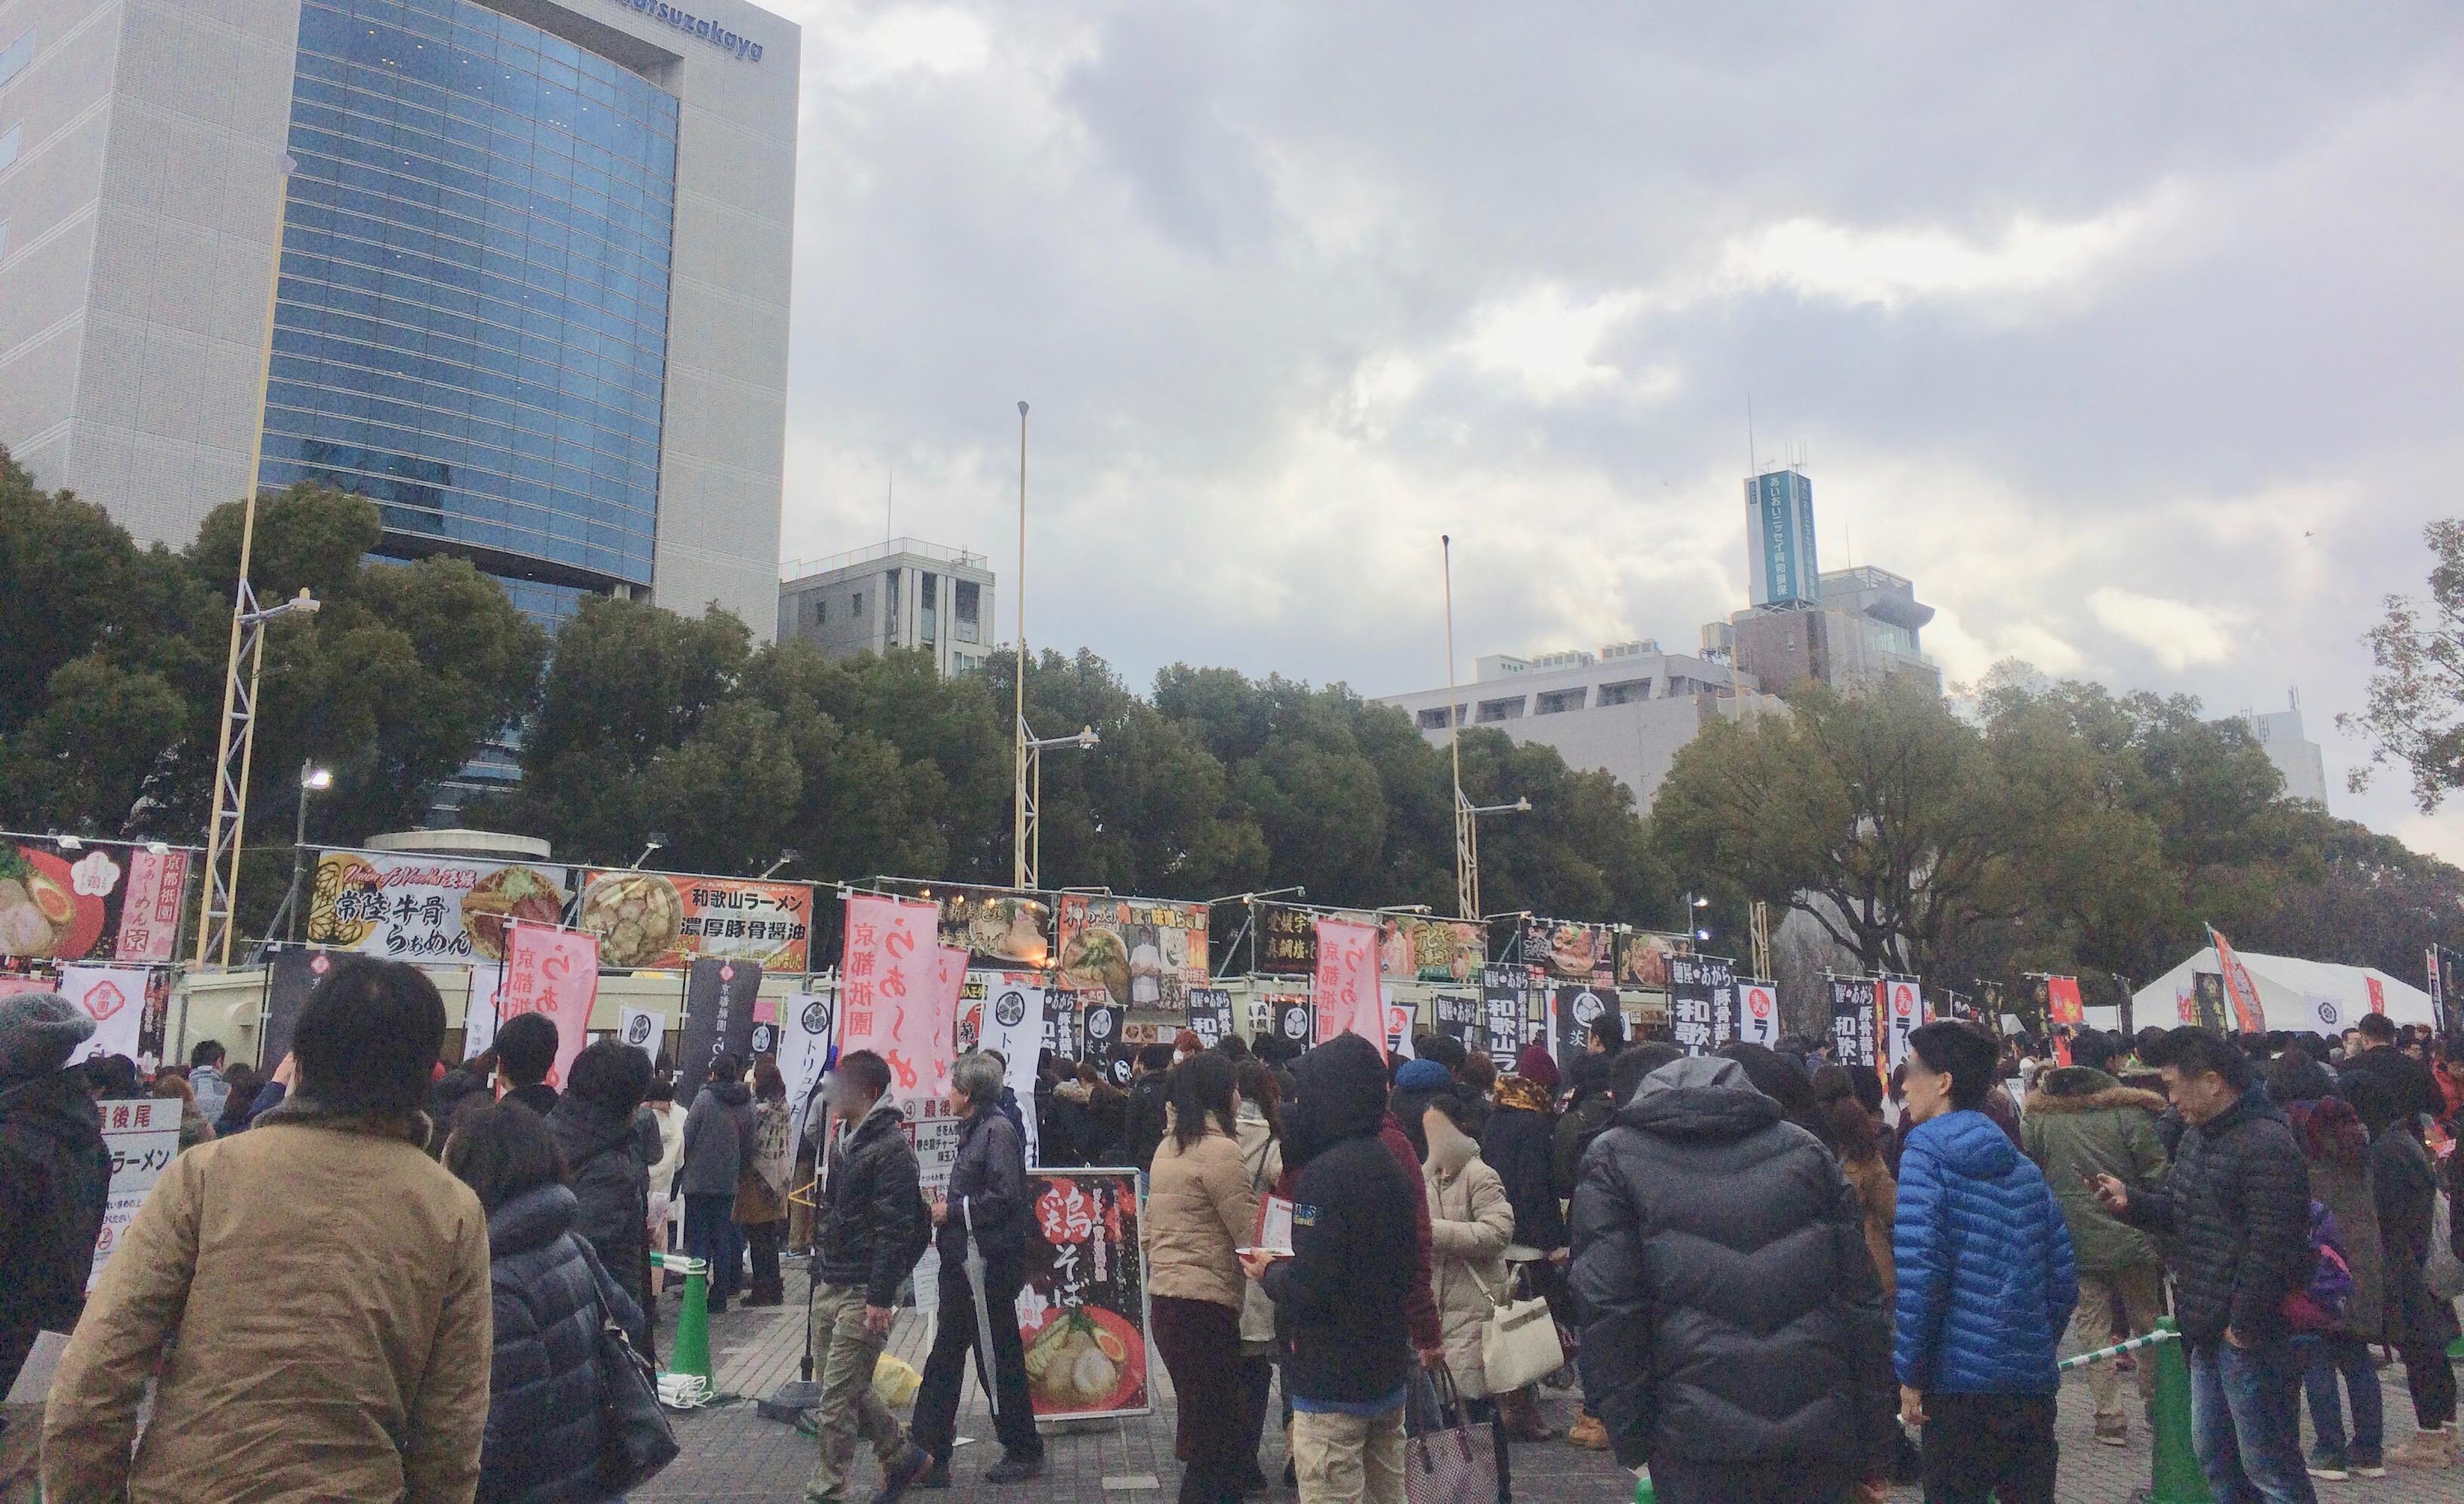 3年連続開催!「ラーメンまつりin名古屋 2017」に行ってきた - Image uploaded from iOS 13 1